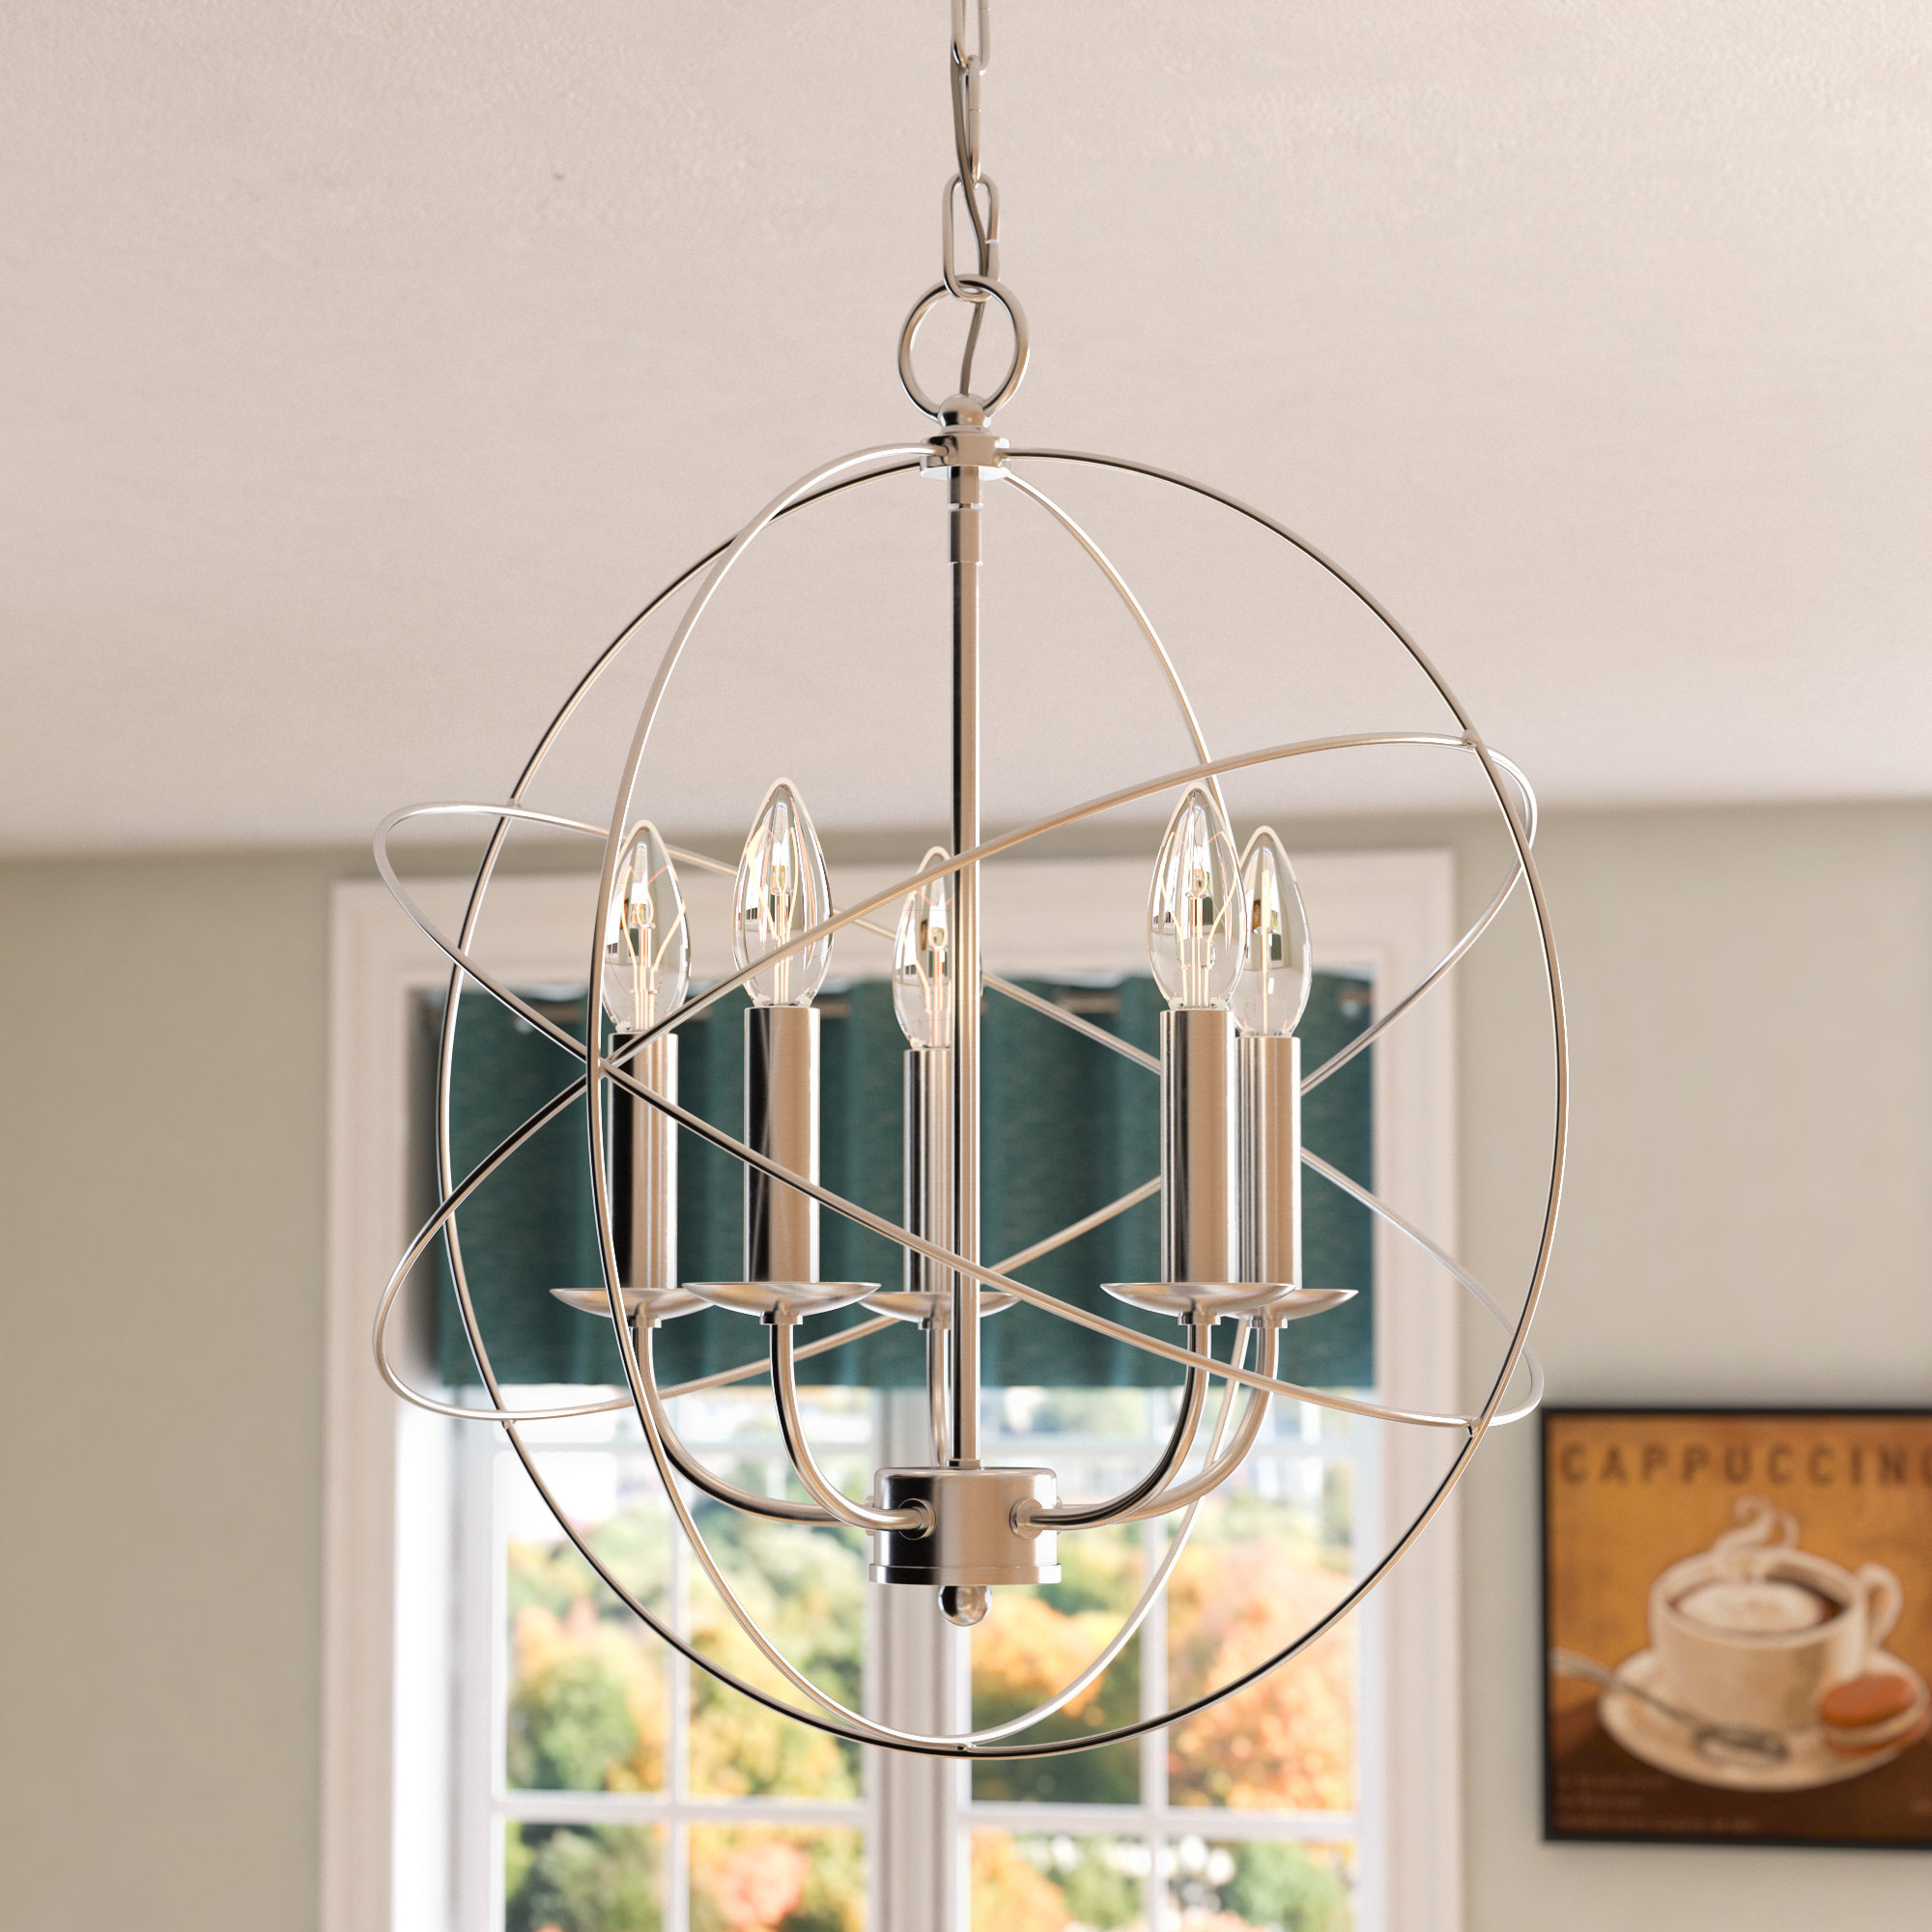 Bordelon 5 Light Globe Chandelier For Alden 6 Light Globe Chandeliers (View 12 of 30)